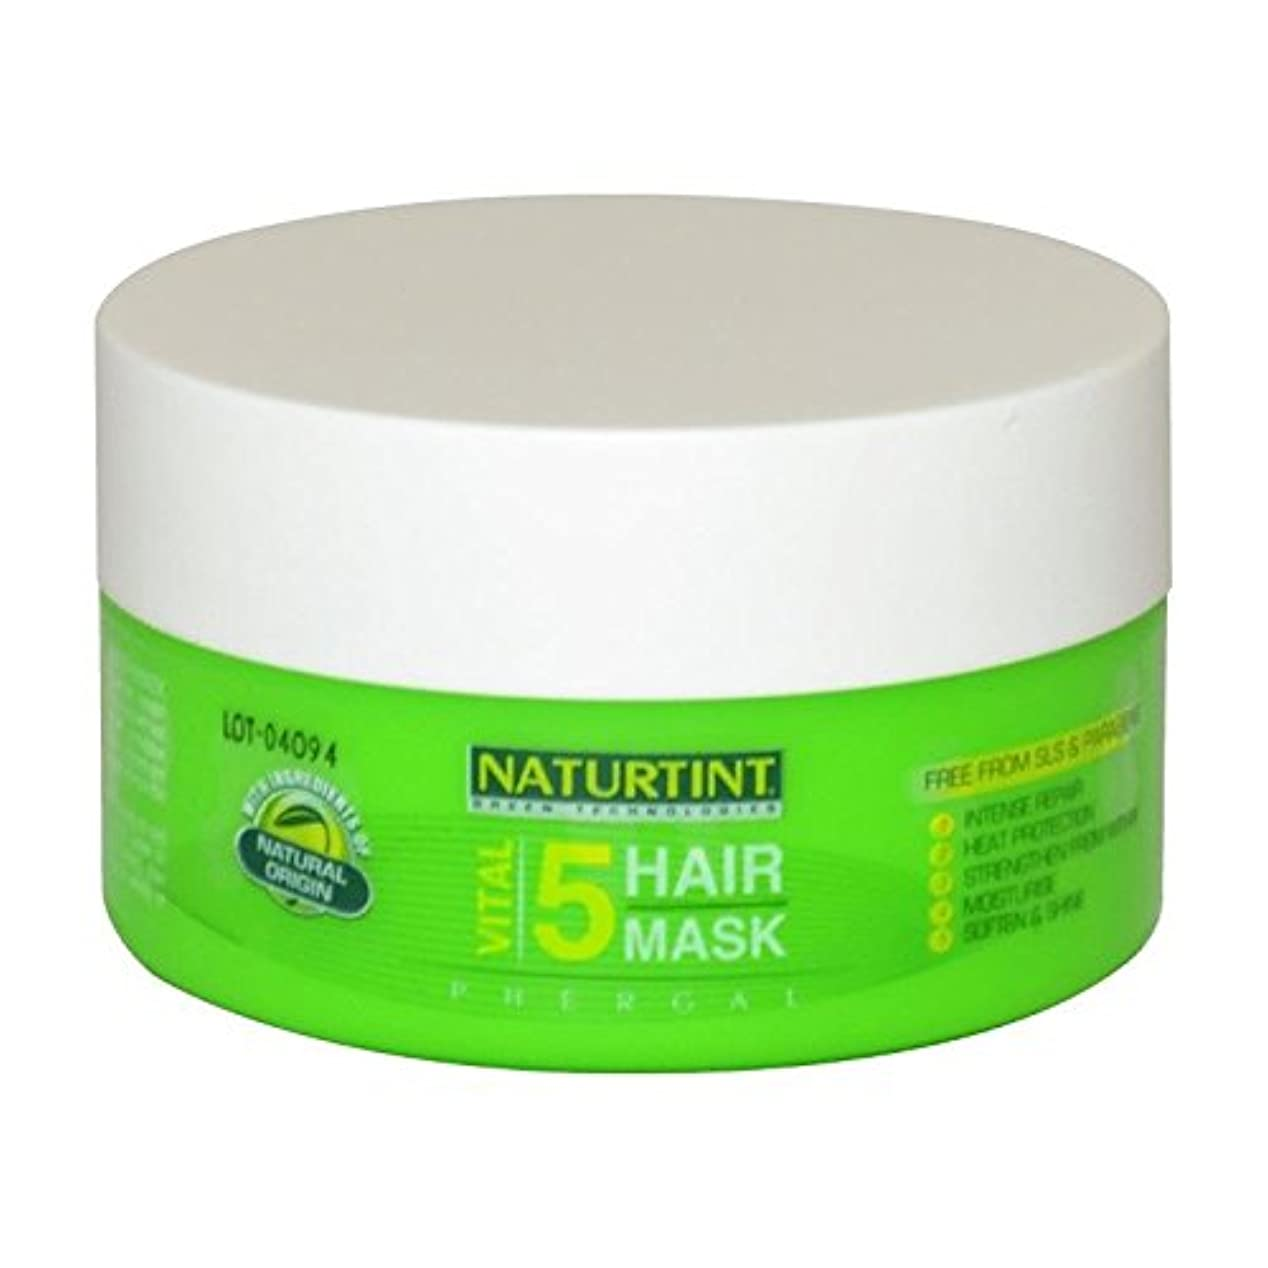 奨励王室確かめる[Naturtint] Naturtint重要な5ヘアマスク - Naturtint Vital 5 Hair Mask [並行輸入品]